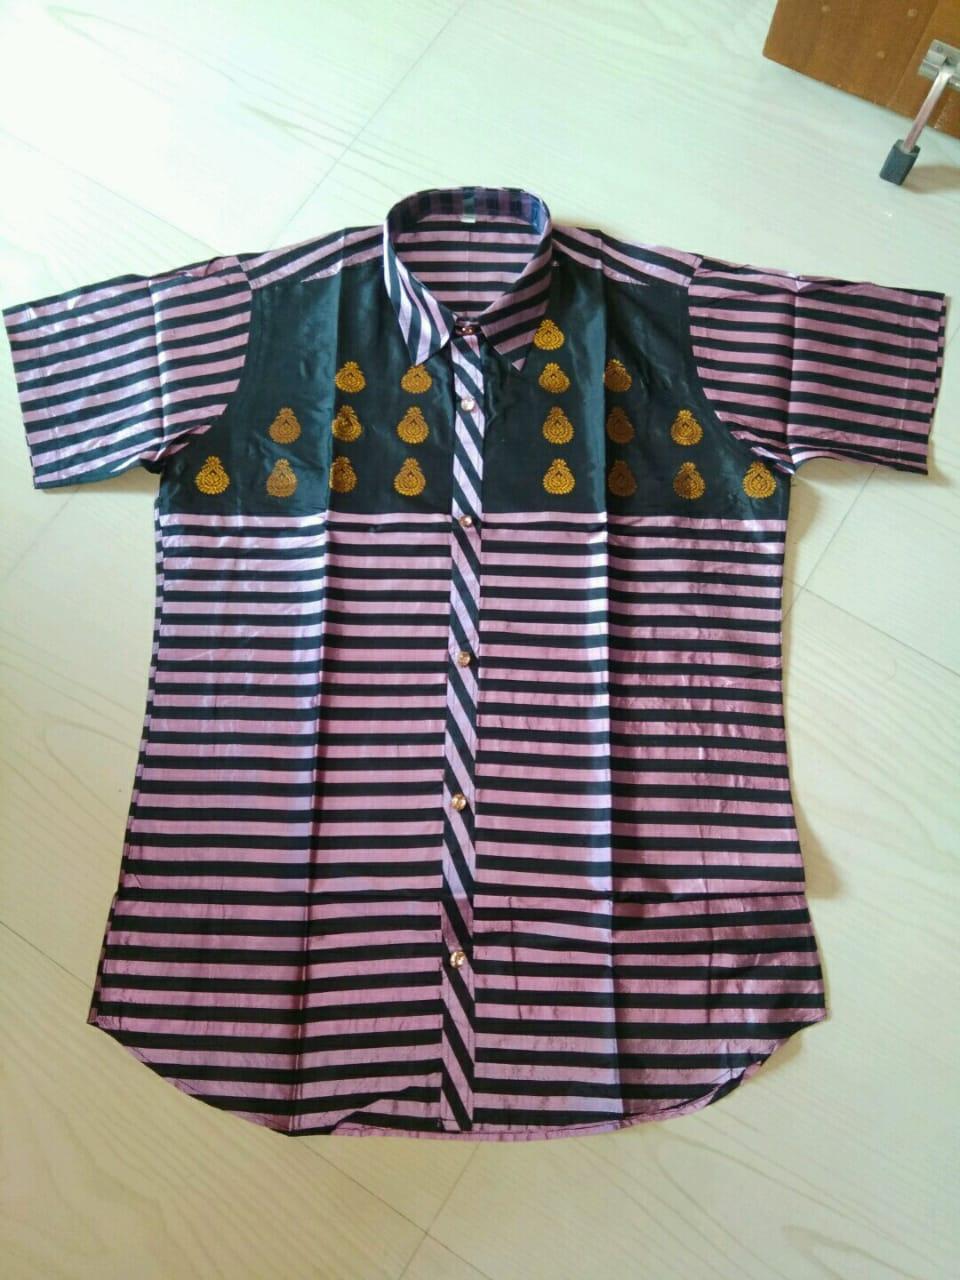 Assamese traditional shirt